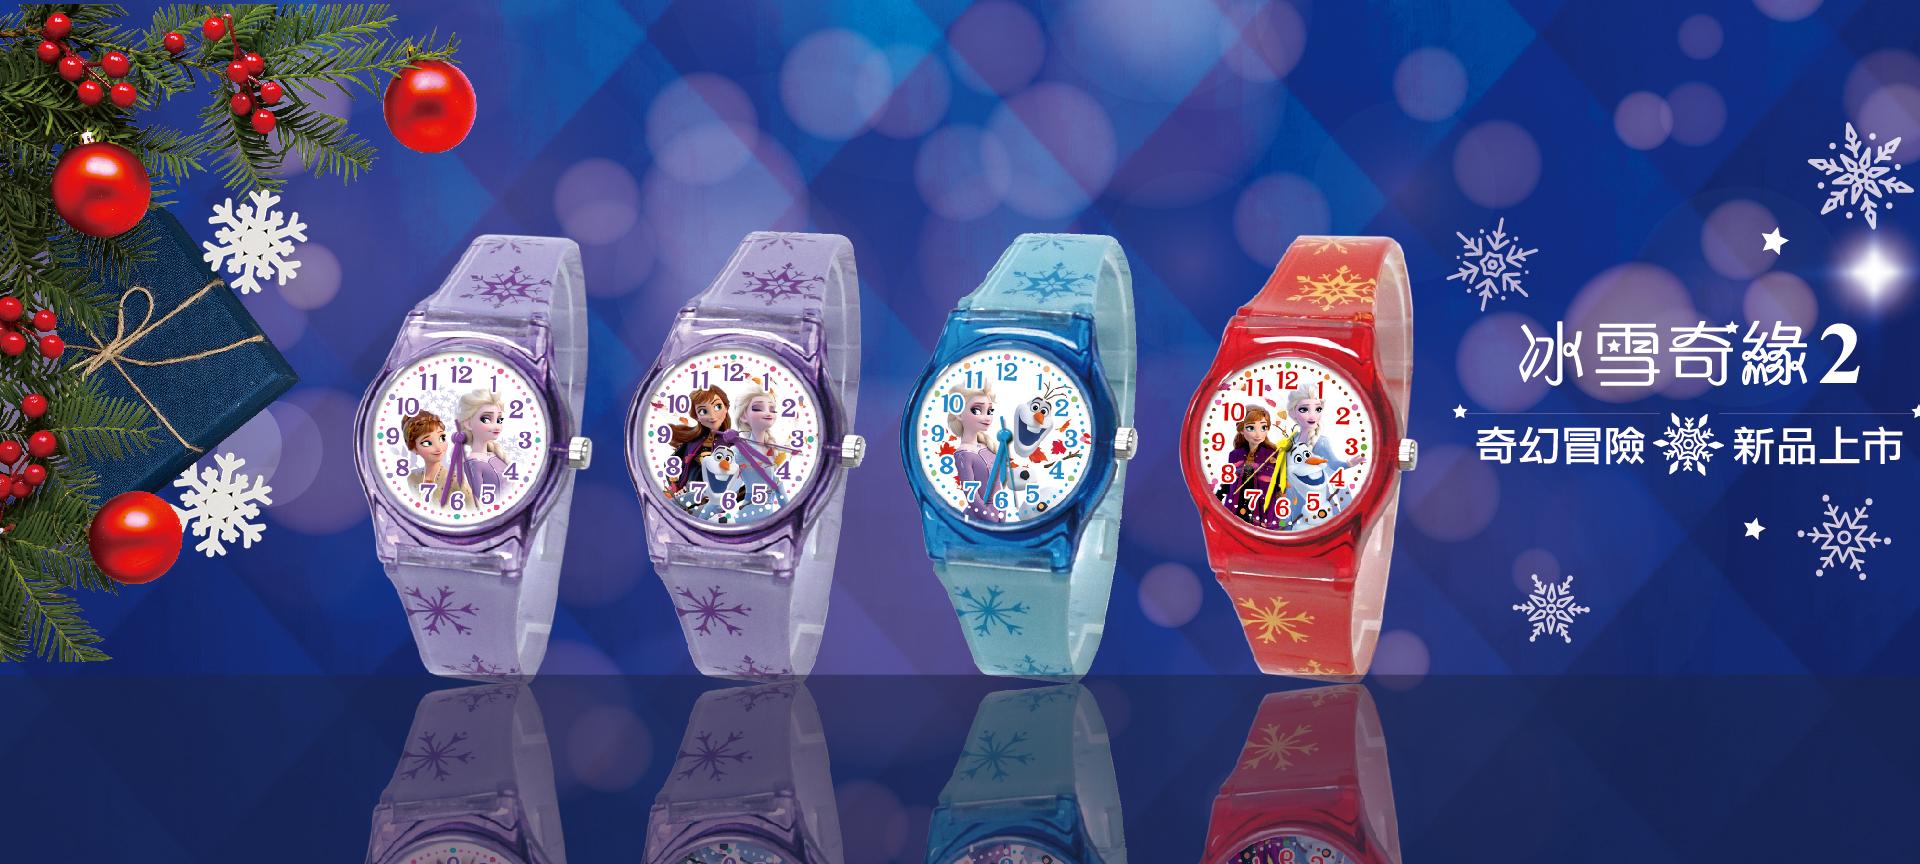 Frozen冰雪奇緣手錶